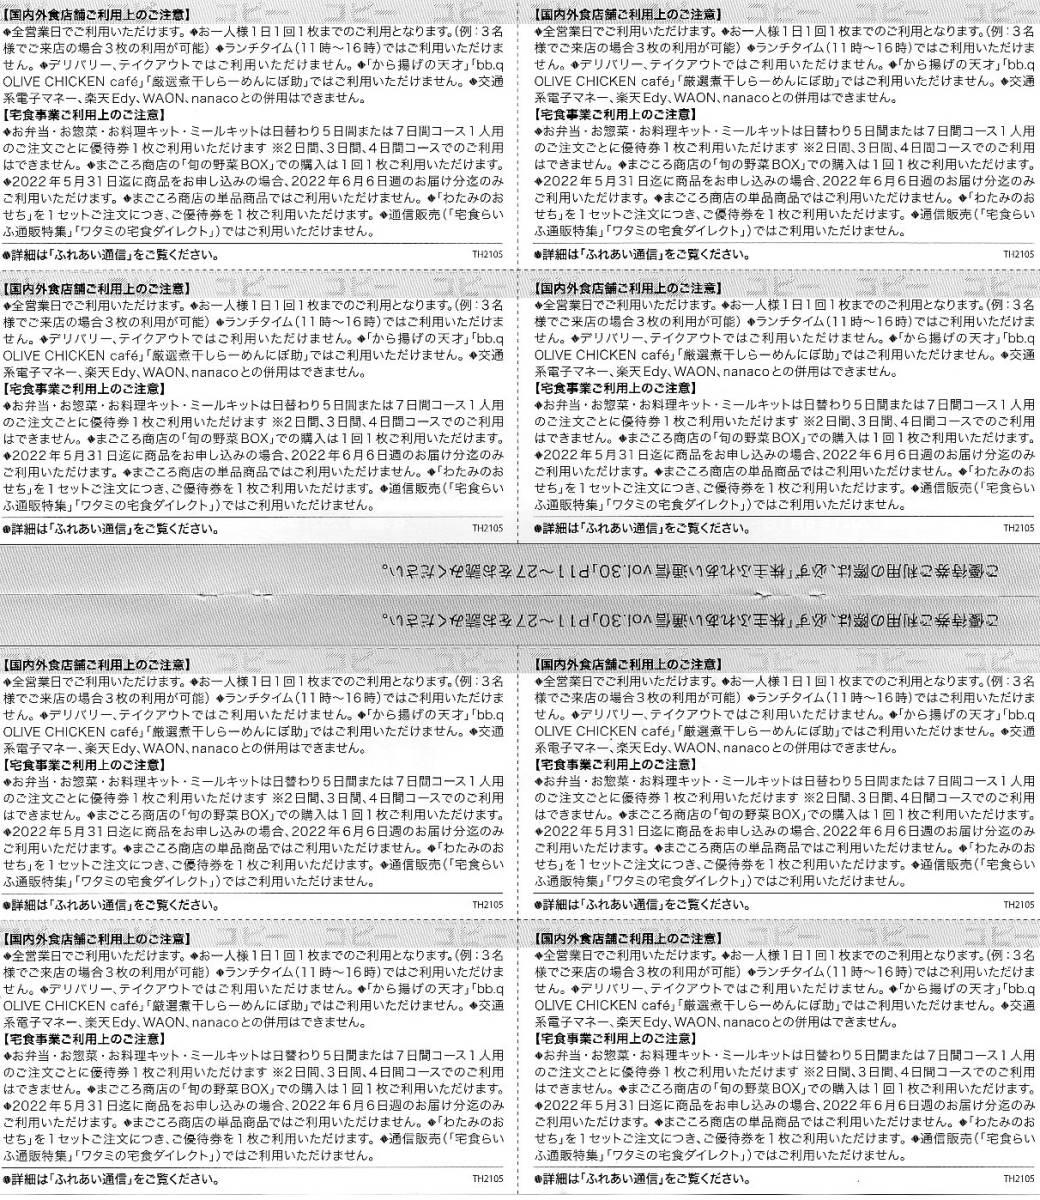 ワタミ株主優待券 4000円分(500円券x8) 【有効期限2021年6月1日~2022年5月31日まで】 _画像2